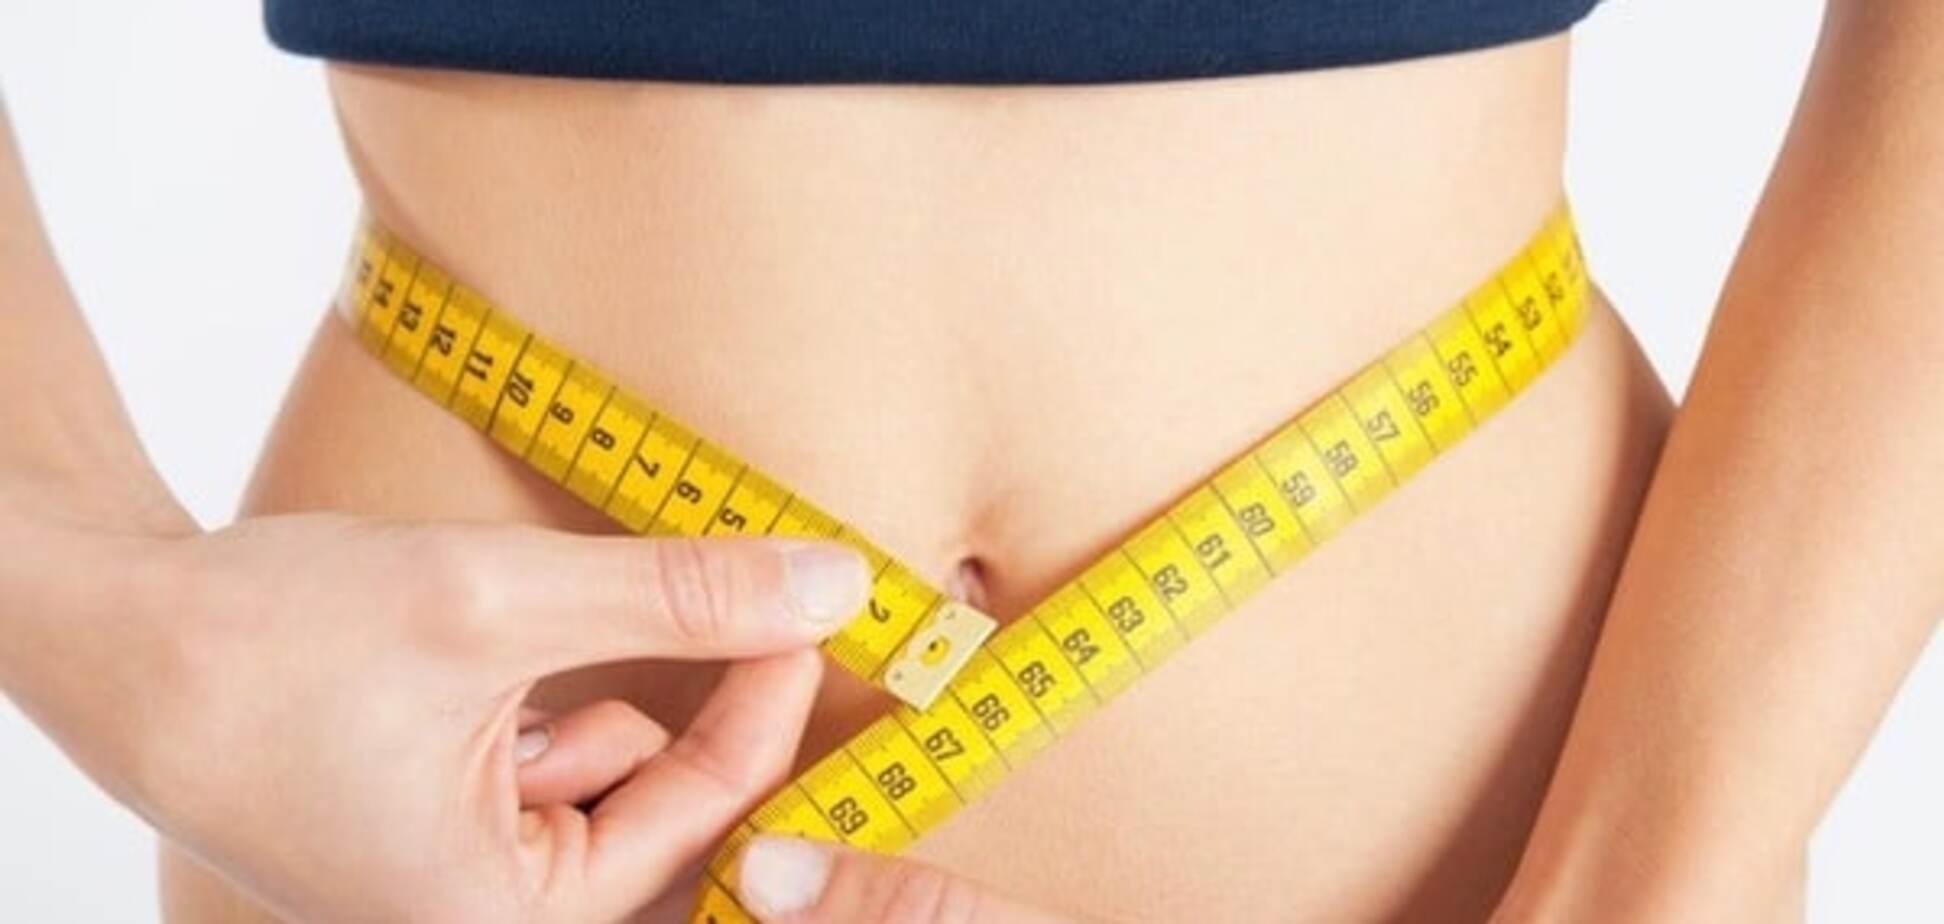 Идеальная талия: как похудеть без тренировок